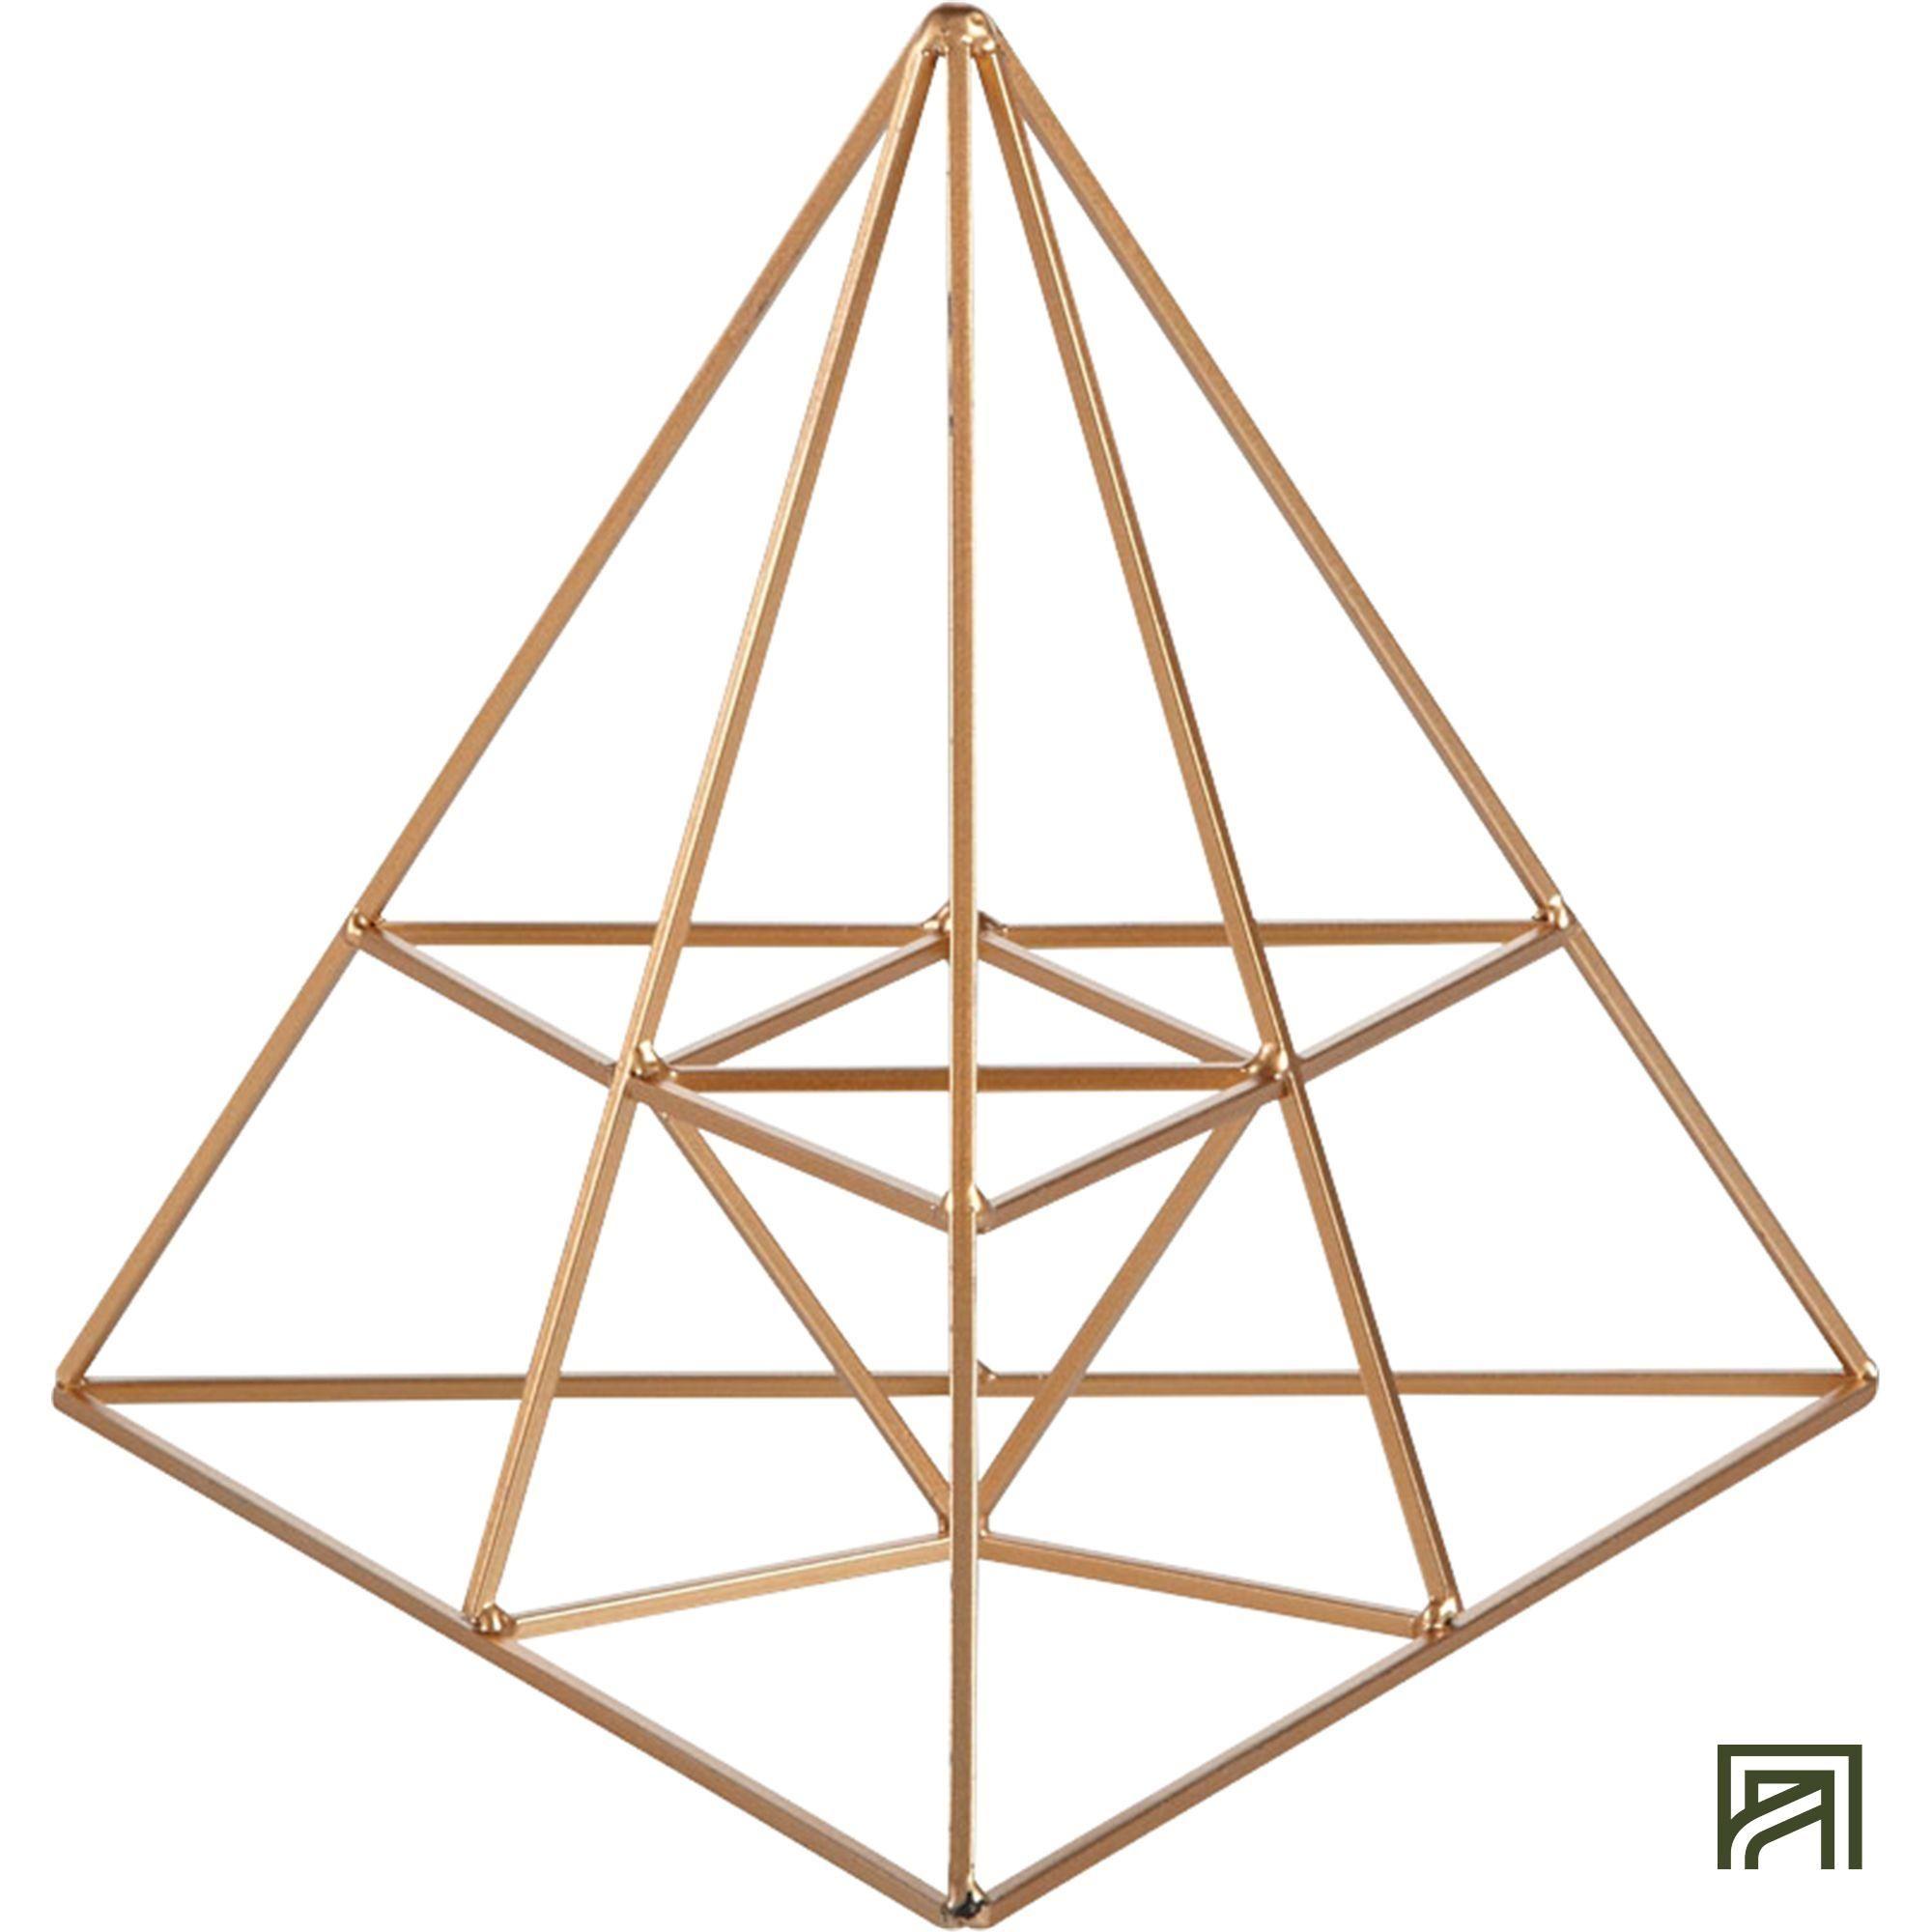 Alinea Ari Decorative Object Wired Pyramid Color Copper H20cm Alinea Decoration Inspiration Meubles Et Deco Objet Deco Decoration Objet